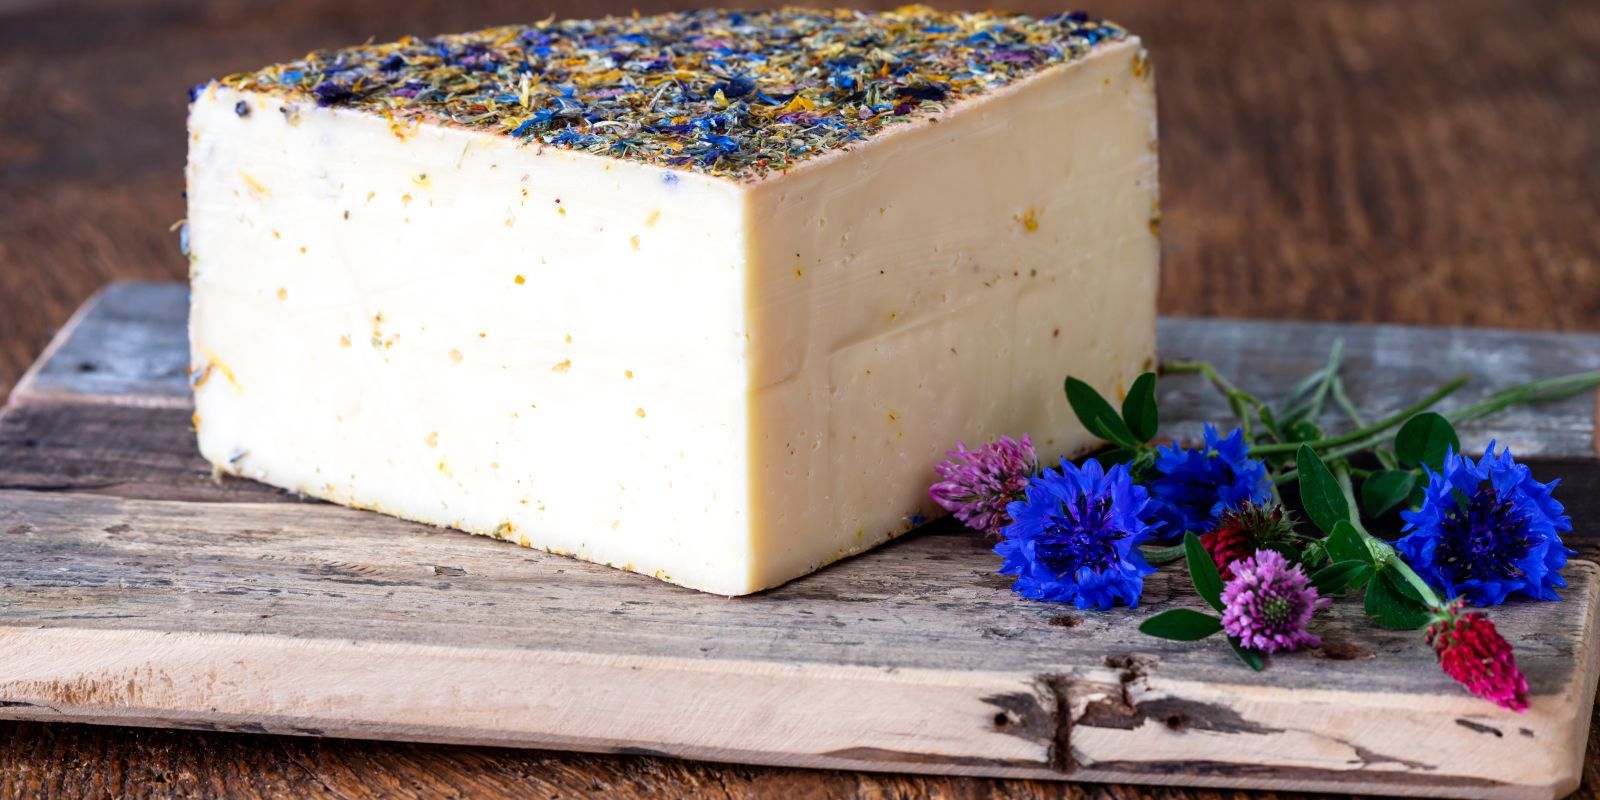 Mit dem Kauf von Käse die Artenvielfalt schützen: So geht's!